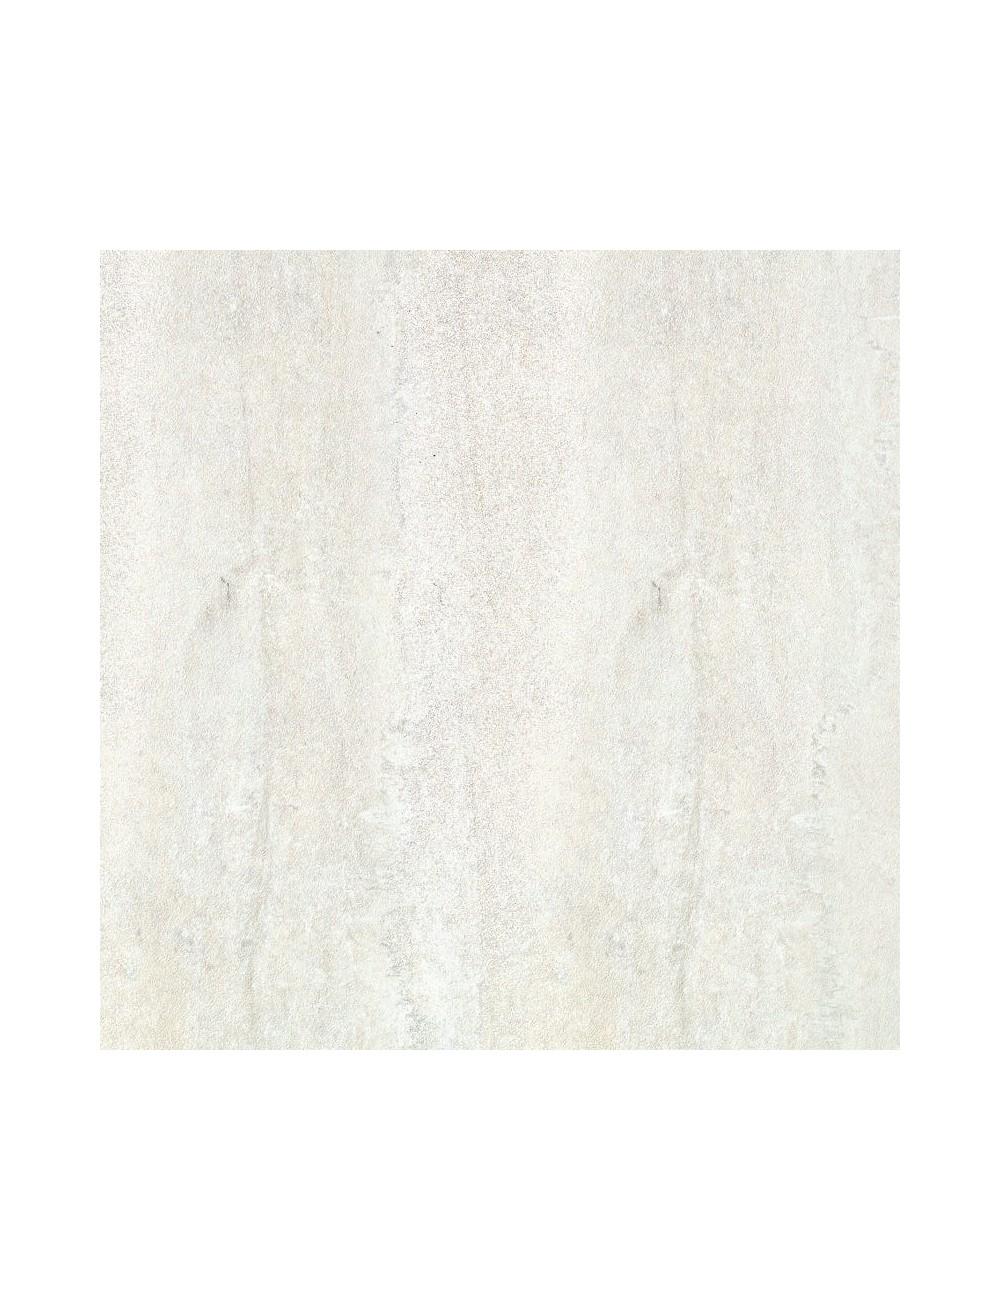 Kaleido bianco naturale rettificato dettaglio superficie